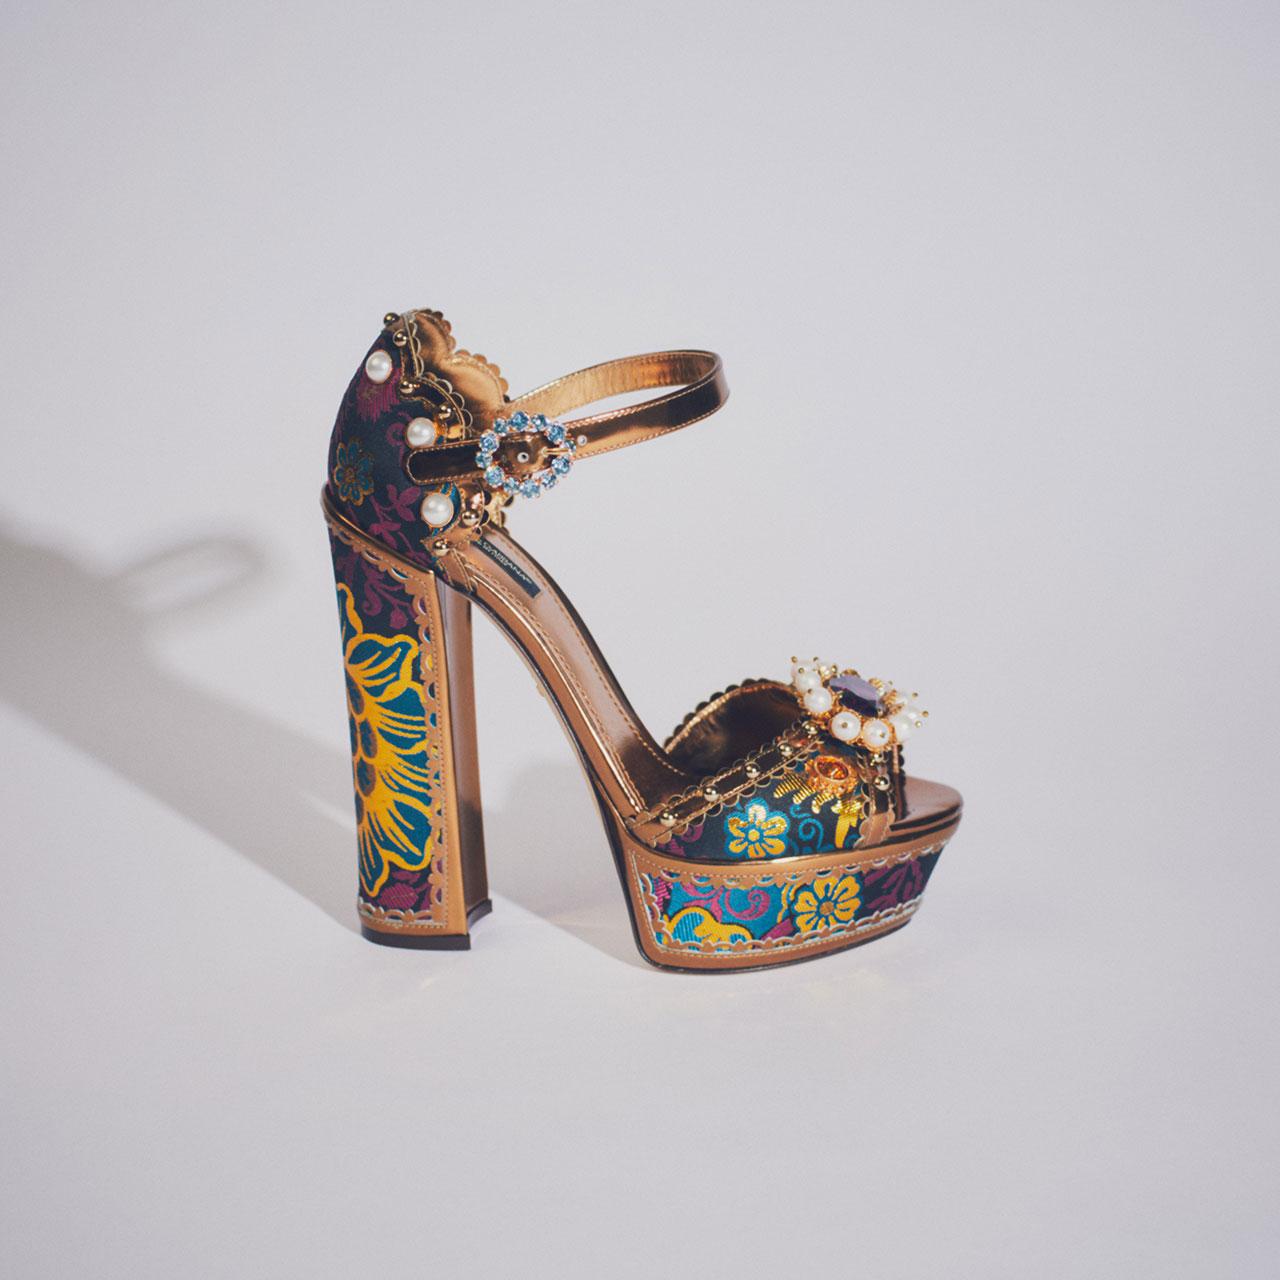 シューズ ¥199,000 (予定価格) [ヒール14.5cm] Dolce&Gabbana/ドルチェ&ガッバーナ ジャパン 03-6419-2220